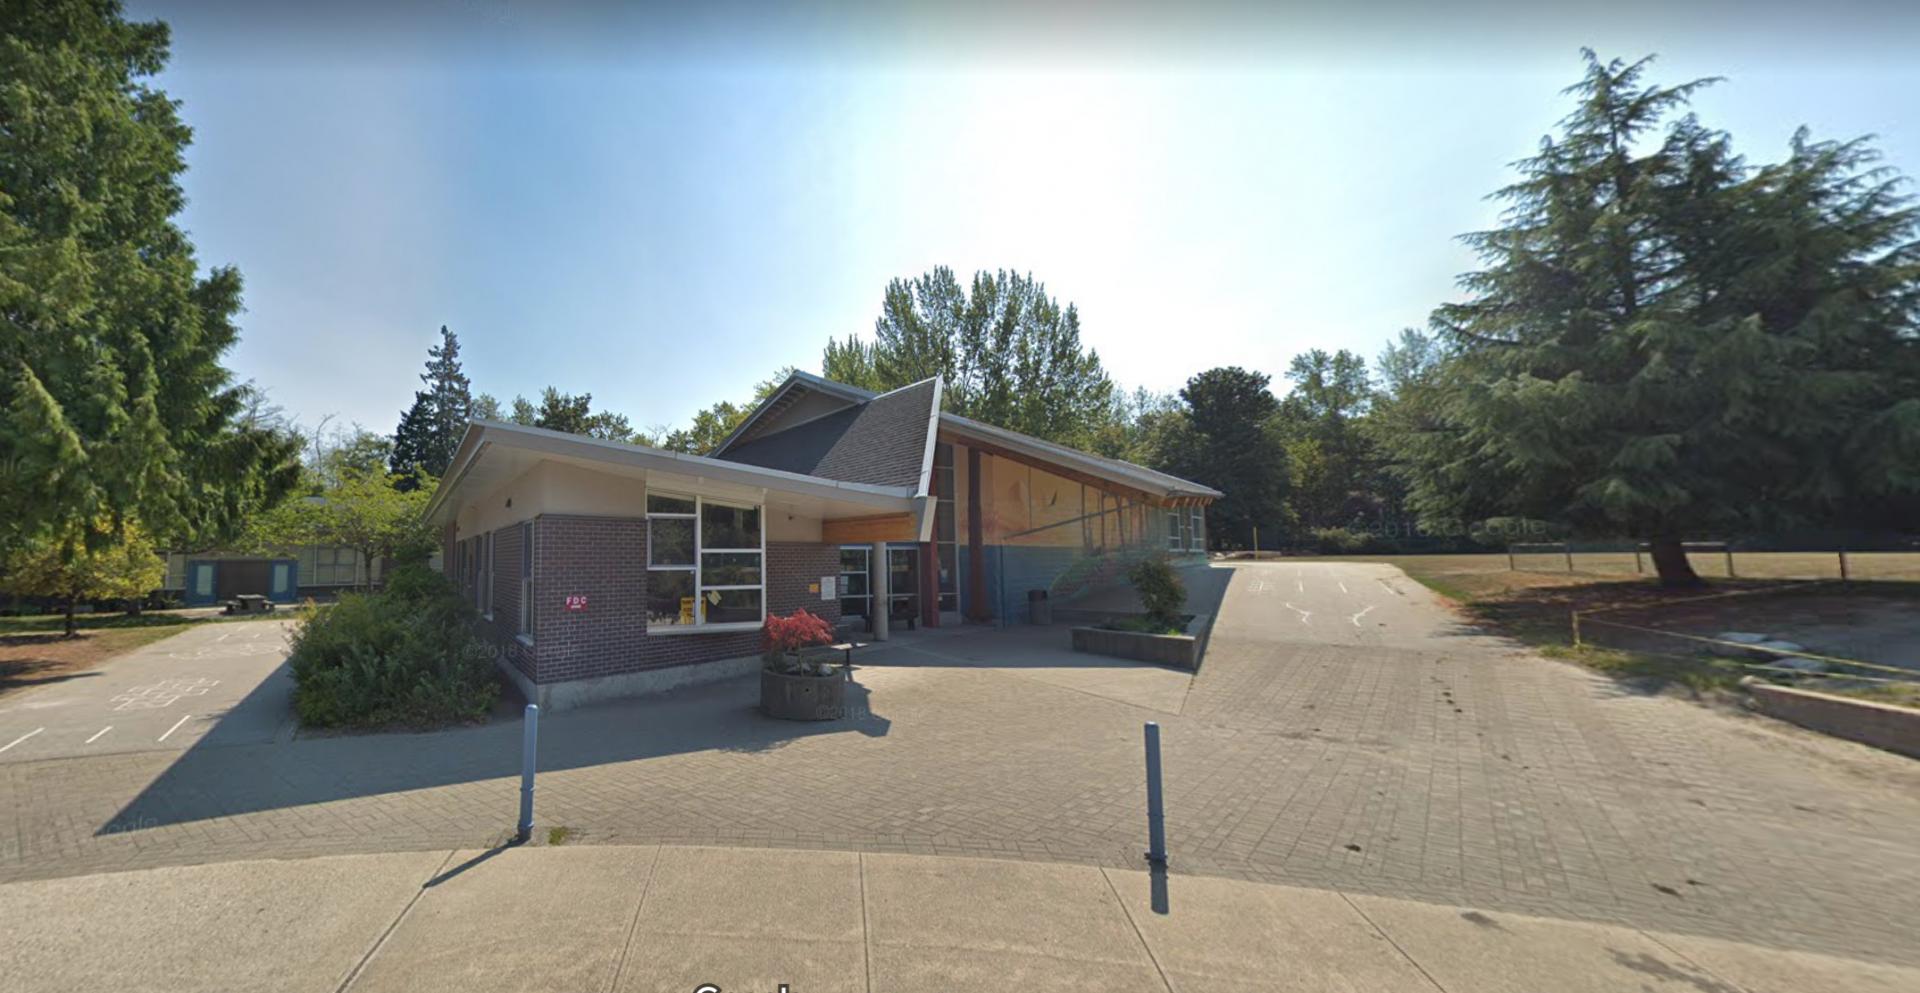 Three Vancouver Coastal Health elementary schools report new coronavirus exposures